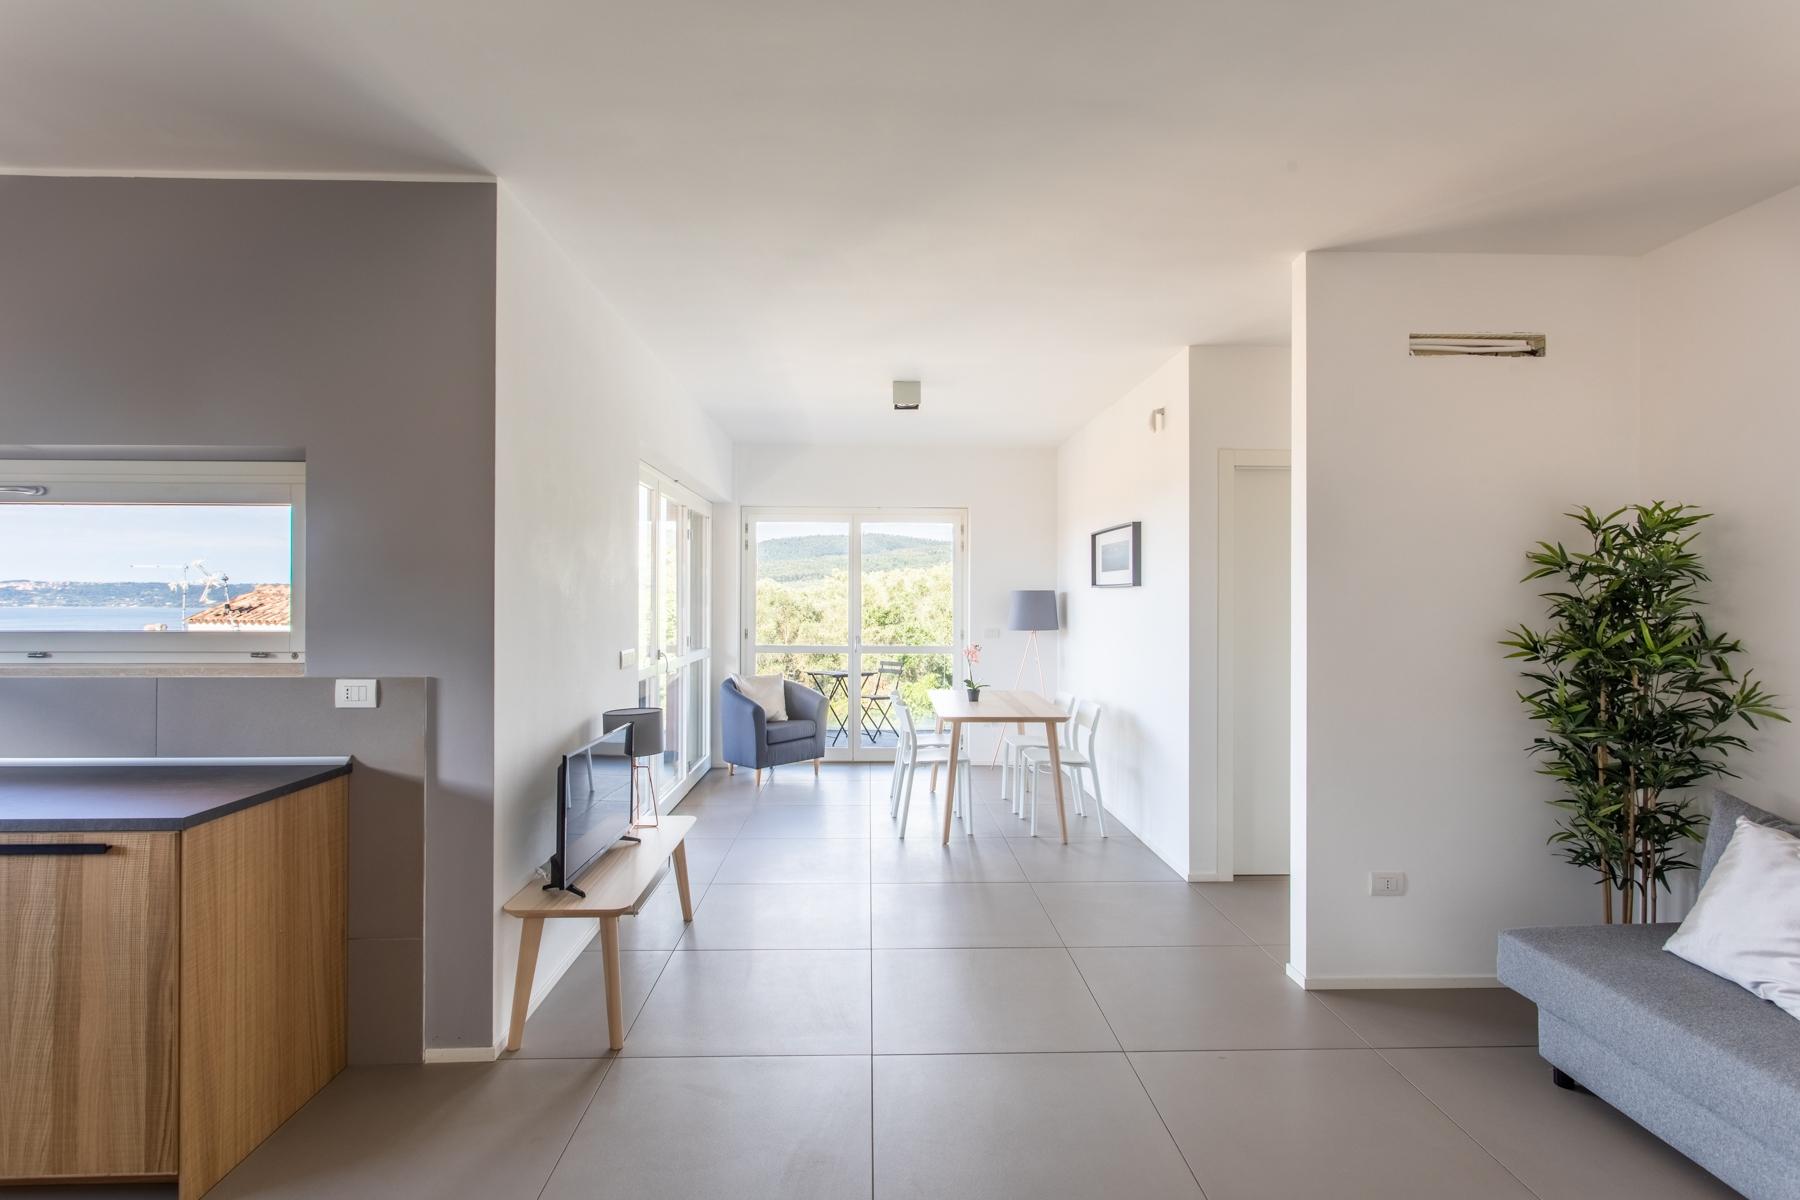 Appartamento in Vendita a Trevignano Romano: 4 locali, 100 mq - Foto 3